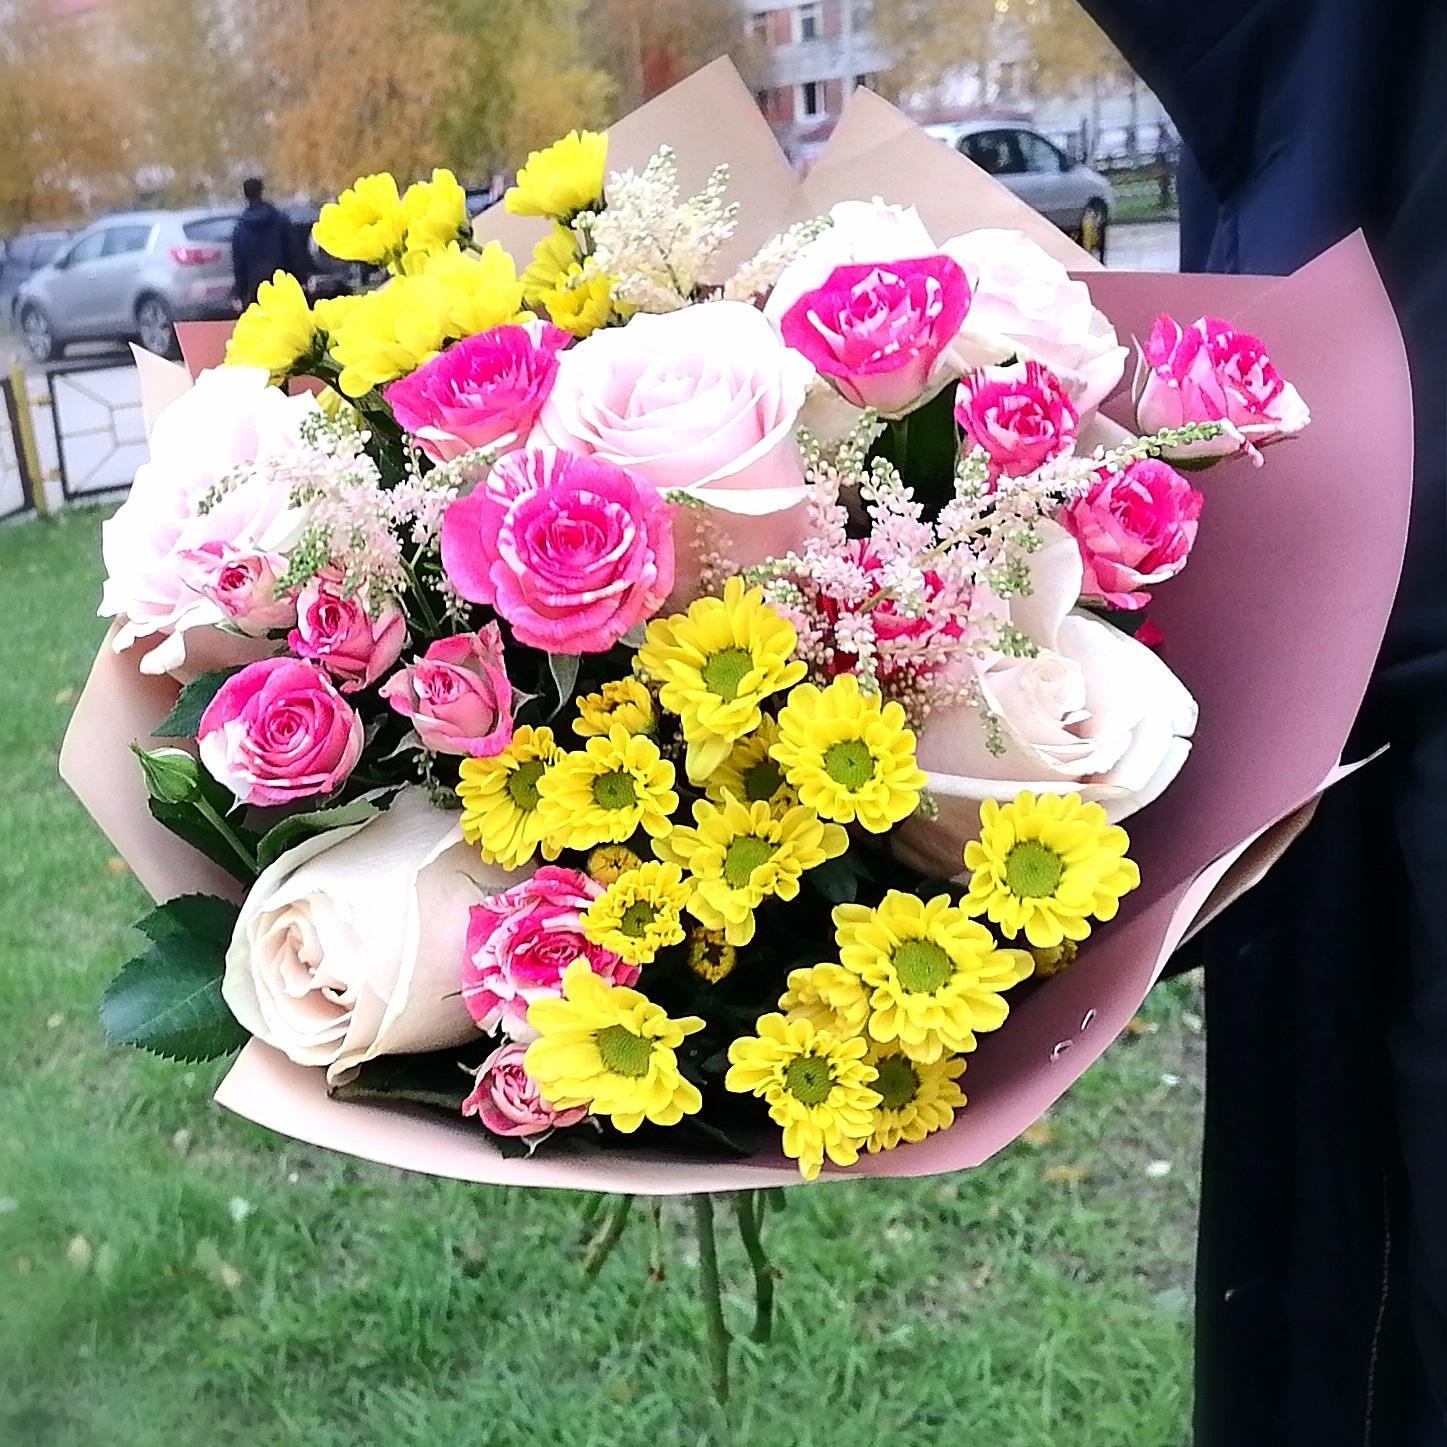 Купить цветы в нижневартовске цены, цветочных букетов